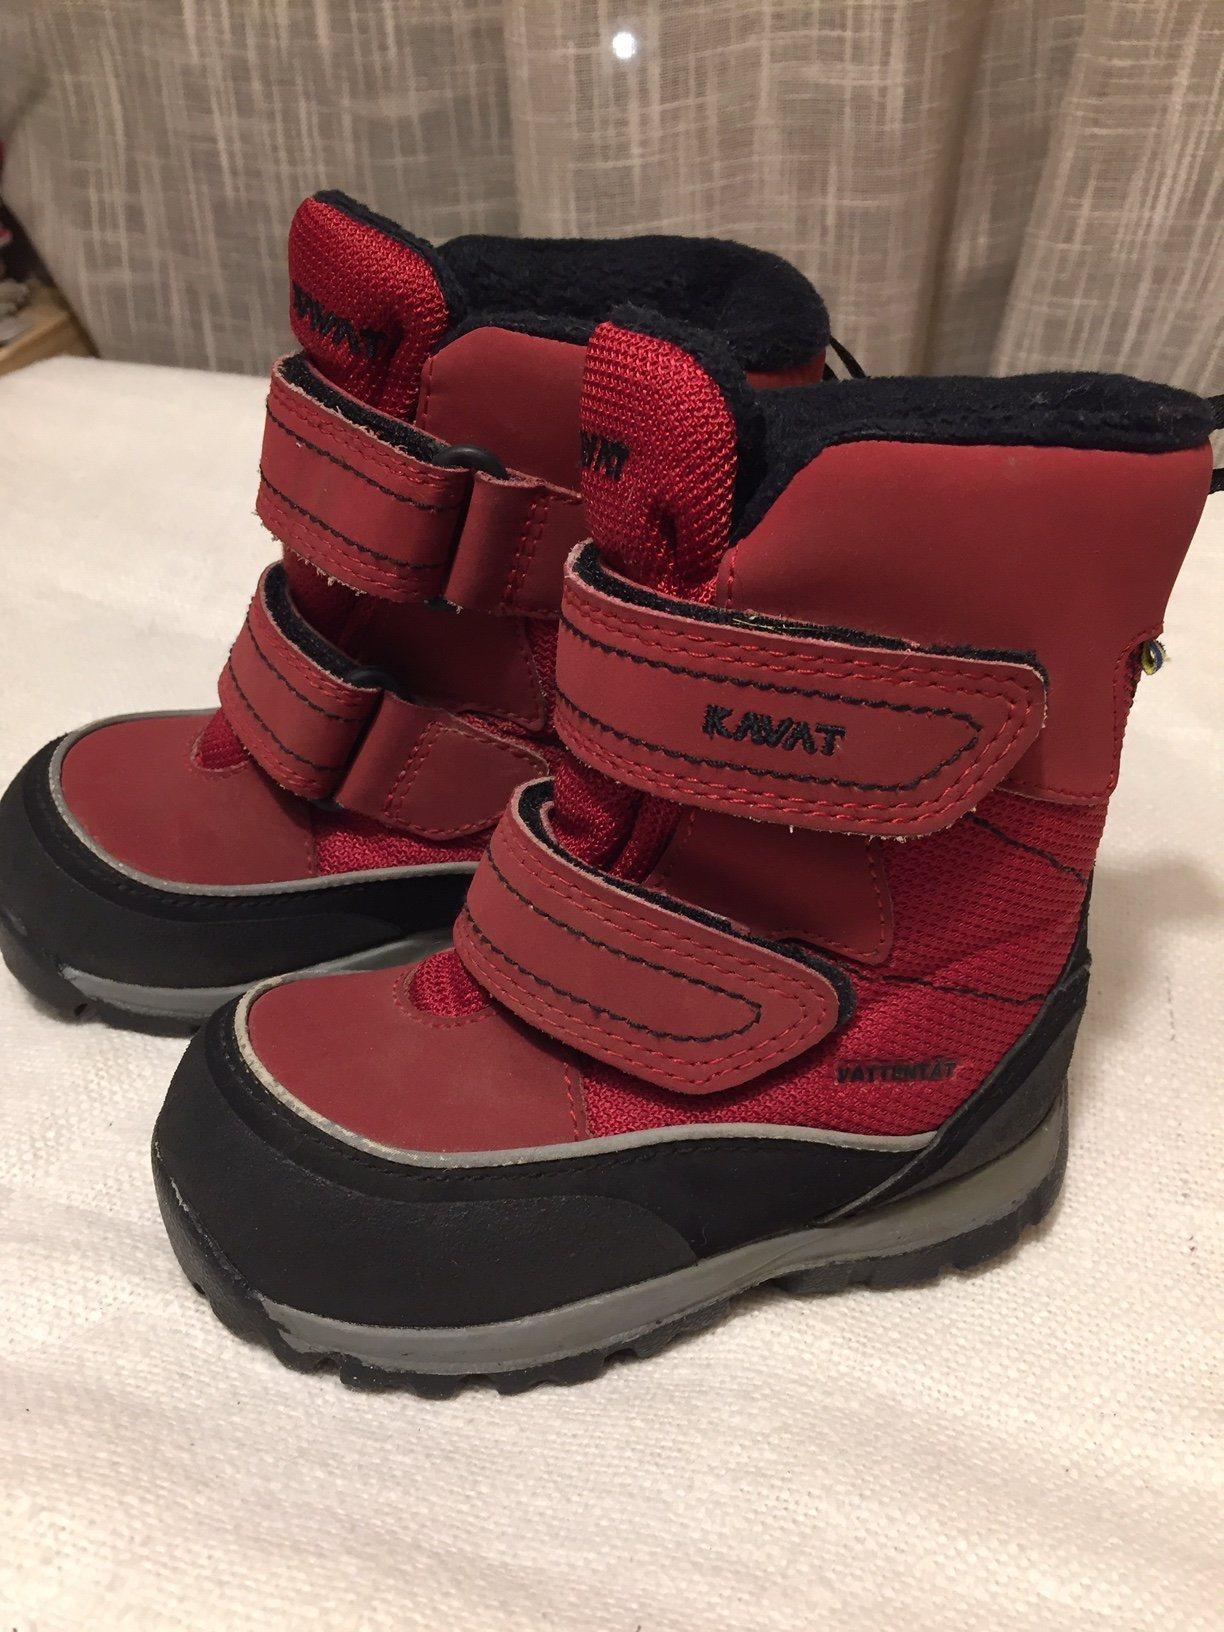 6359e33c937 KAVAT vattentäta strl 24, barn stövlar / boots (340255311) ᐈ Köp på ...